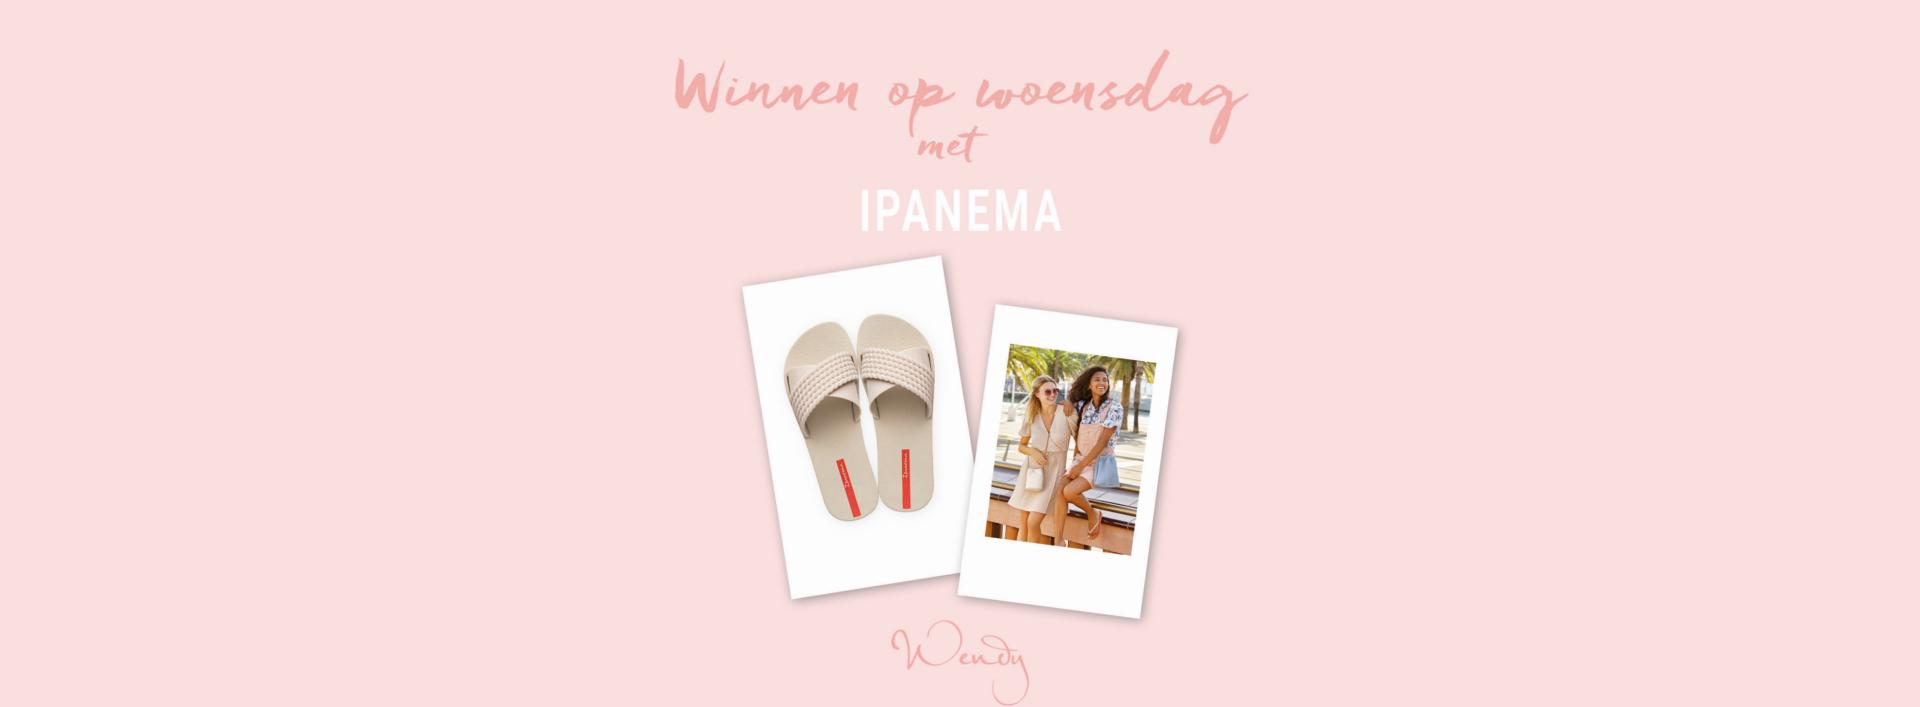 Header winnen op woensdag ipanema Winnen op woensdag: win een paar Ipanema Street slippers